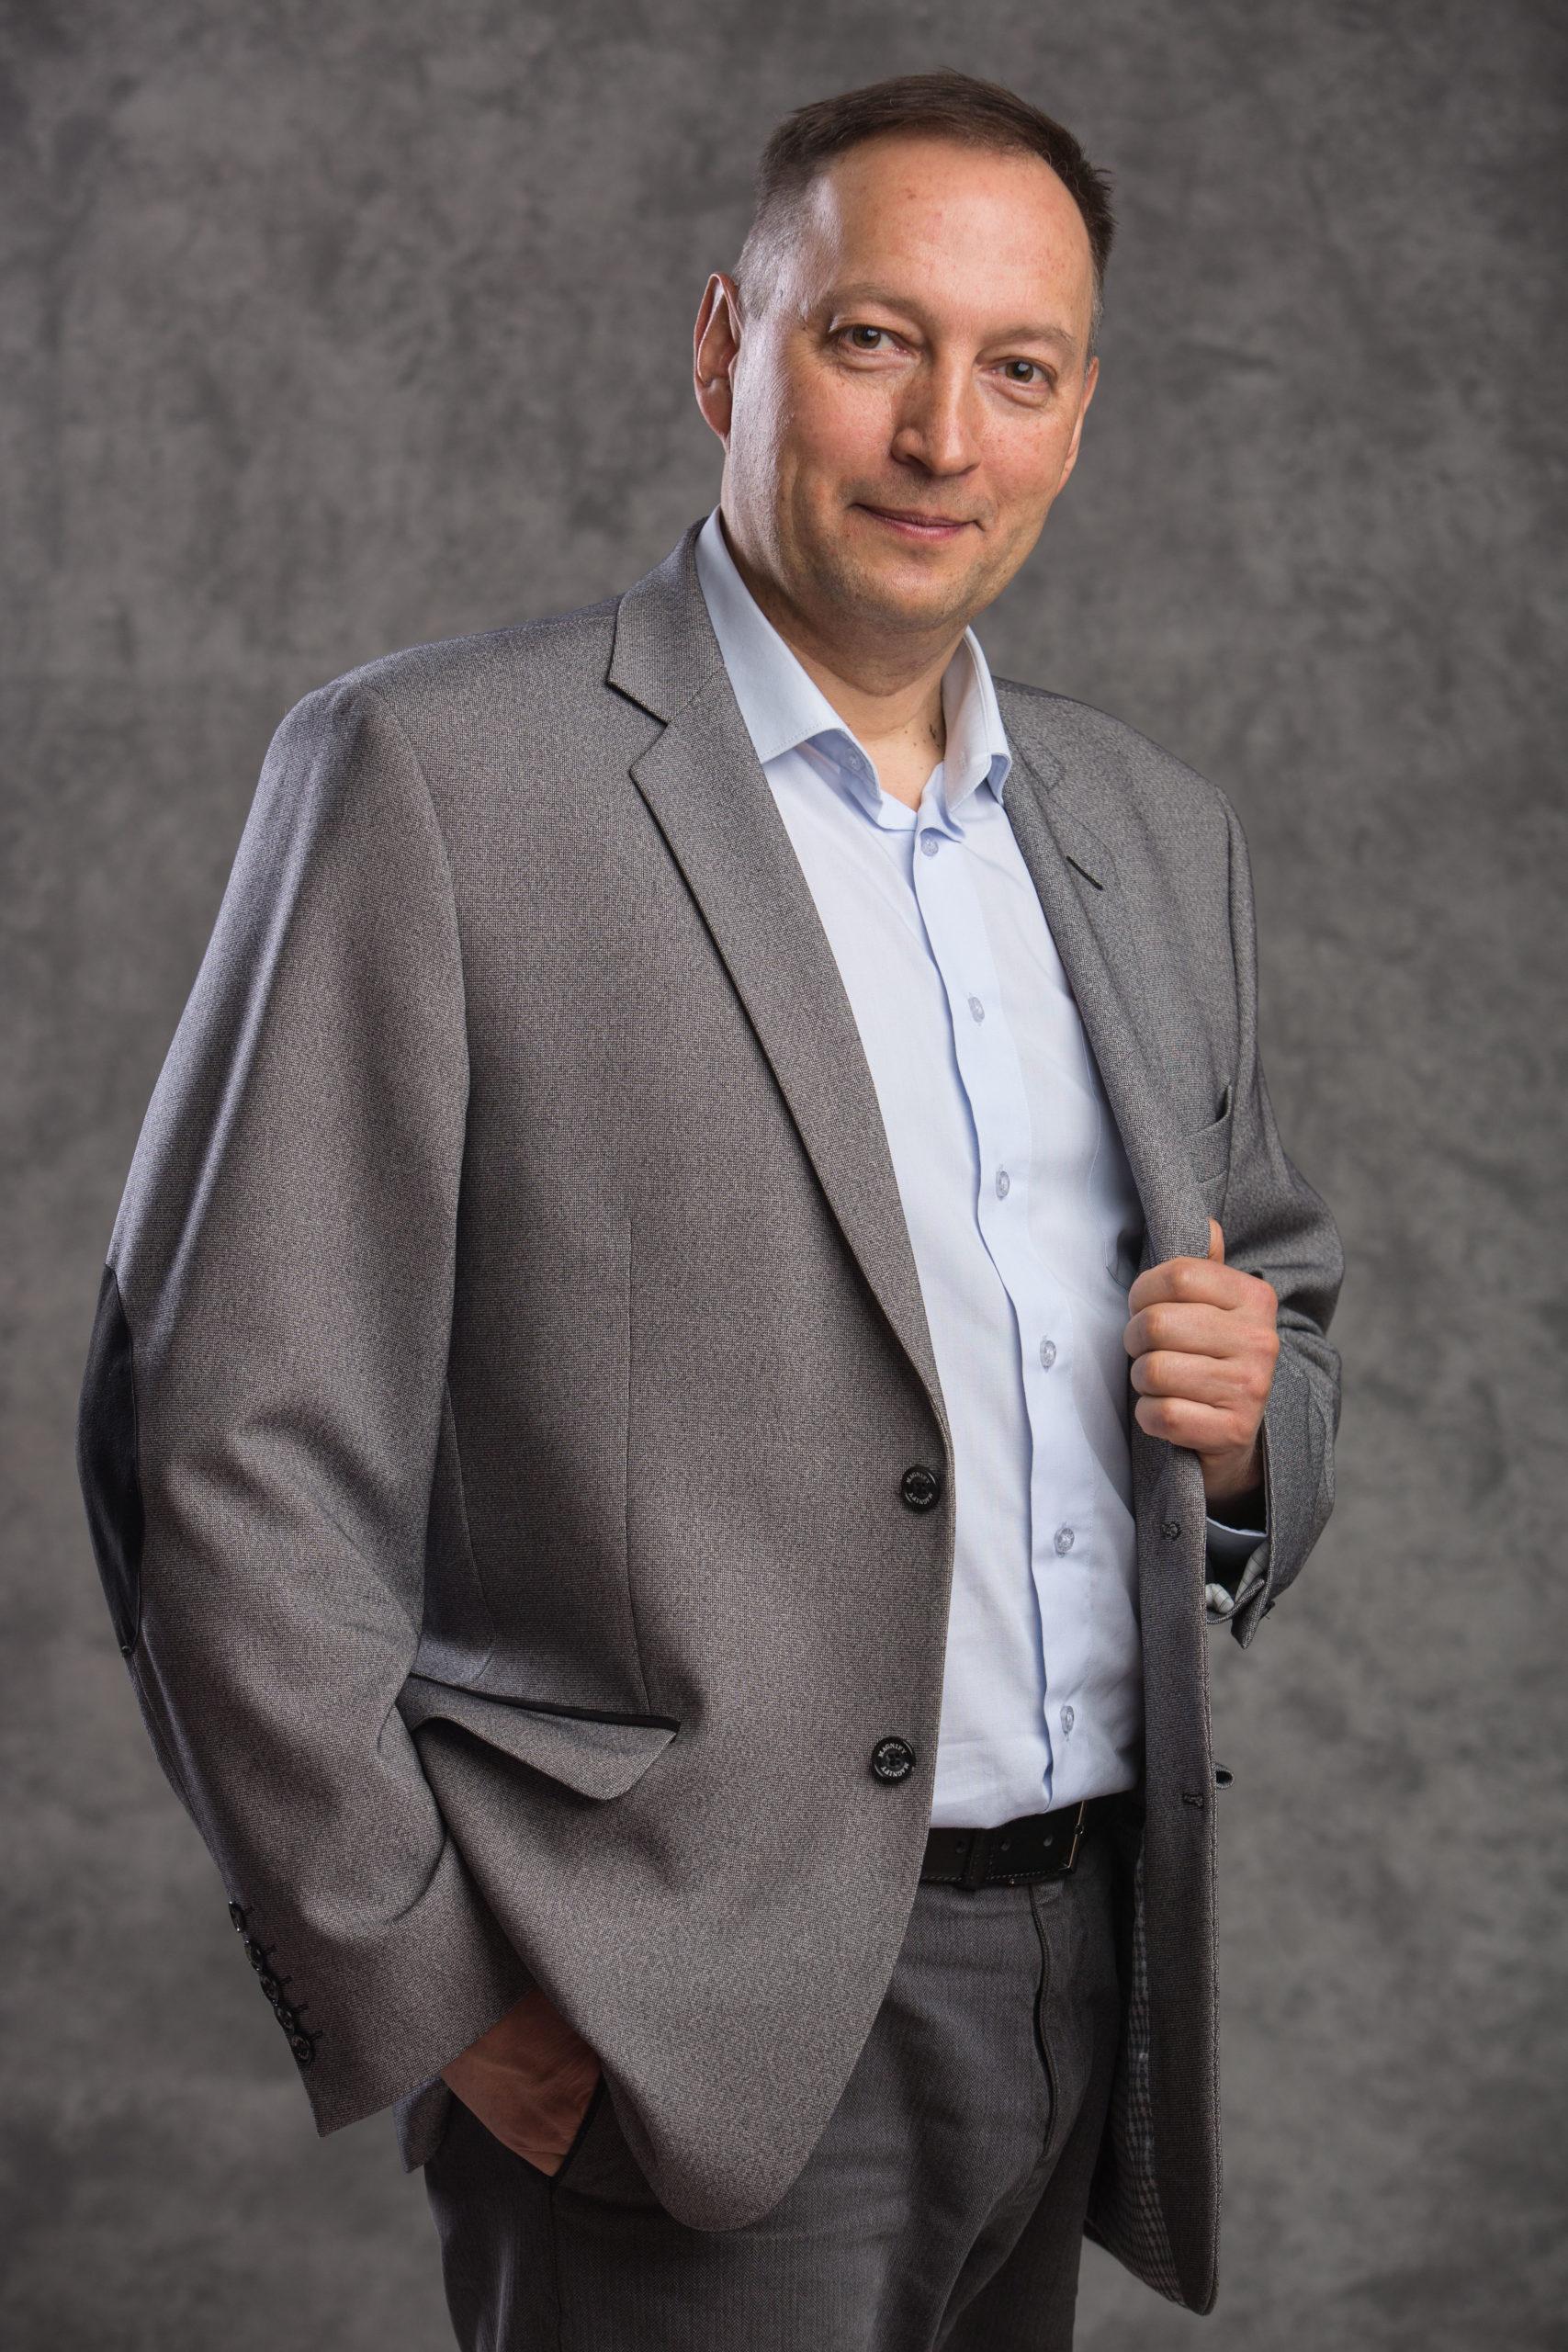 Генеральный директор компании Парафарм: «25 лет улучшаем качество жизни людей!»